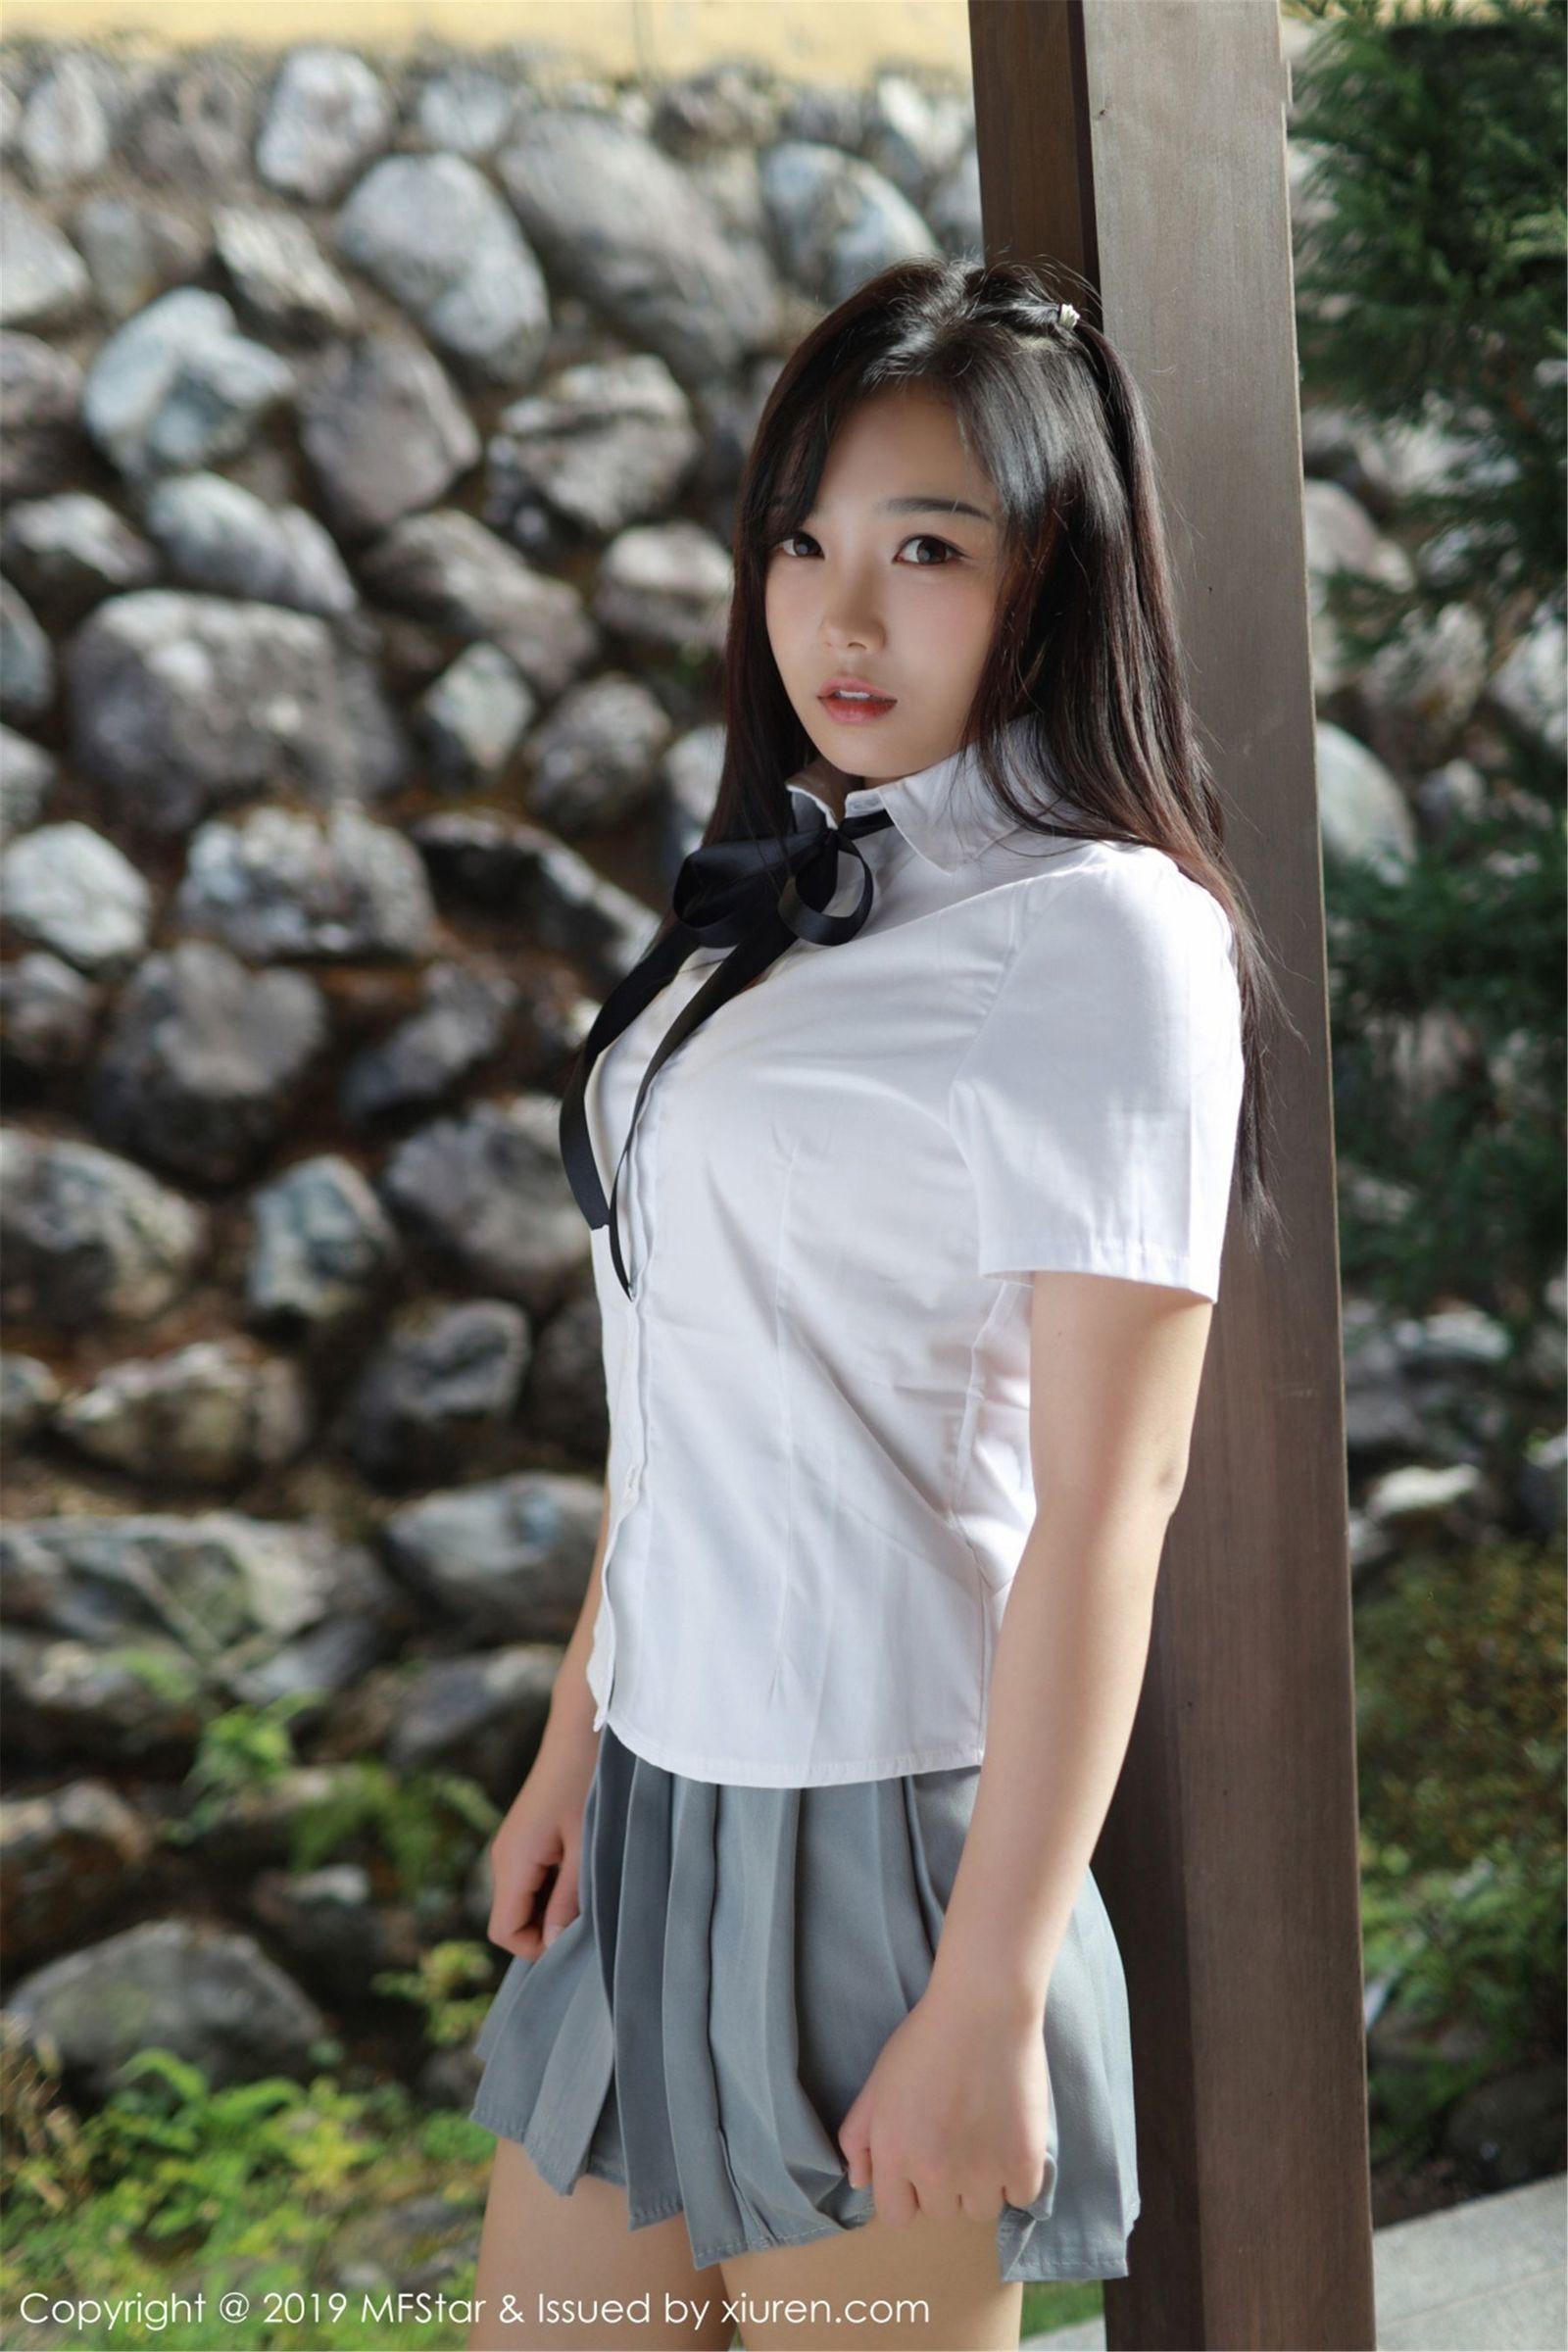 很可愛的制服美少女